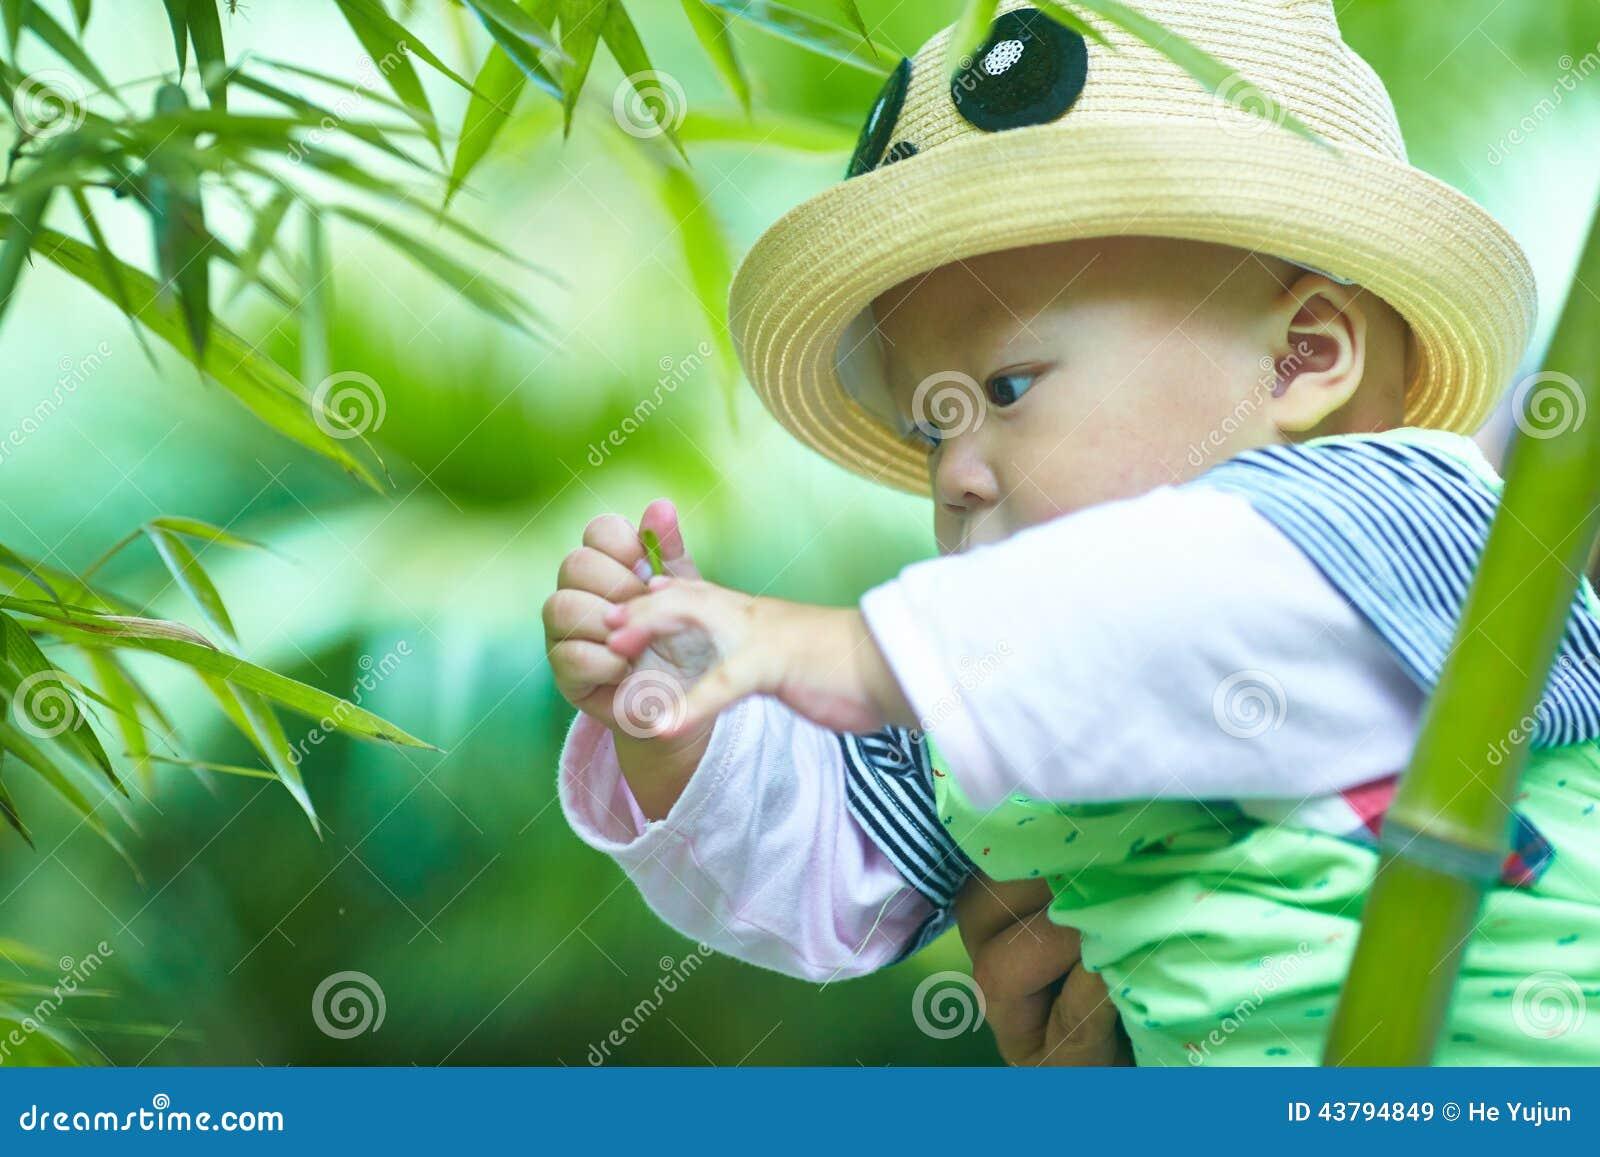 Behandla som ett barn pojkelek i bambuskog